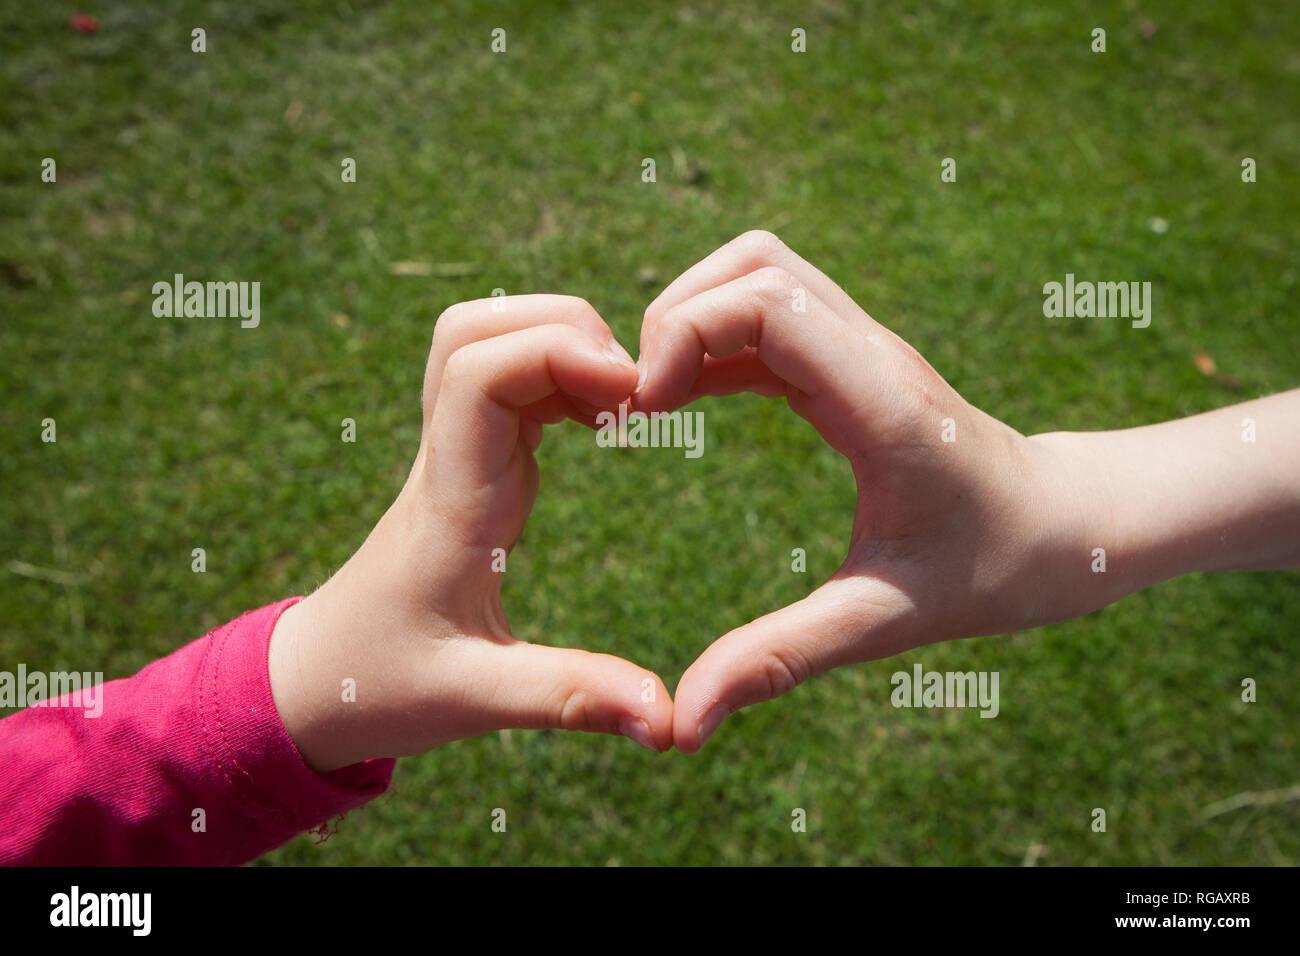 Children hands making a love heart sign above grass Stock Photo